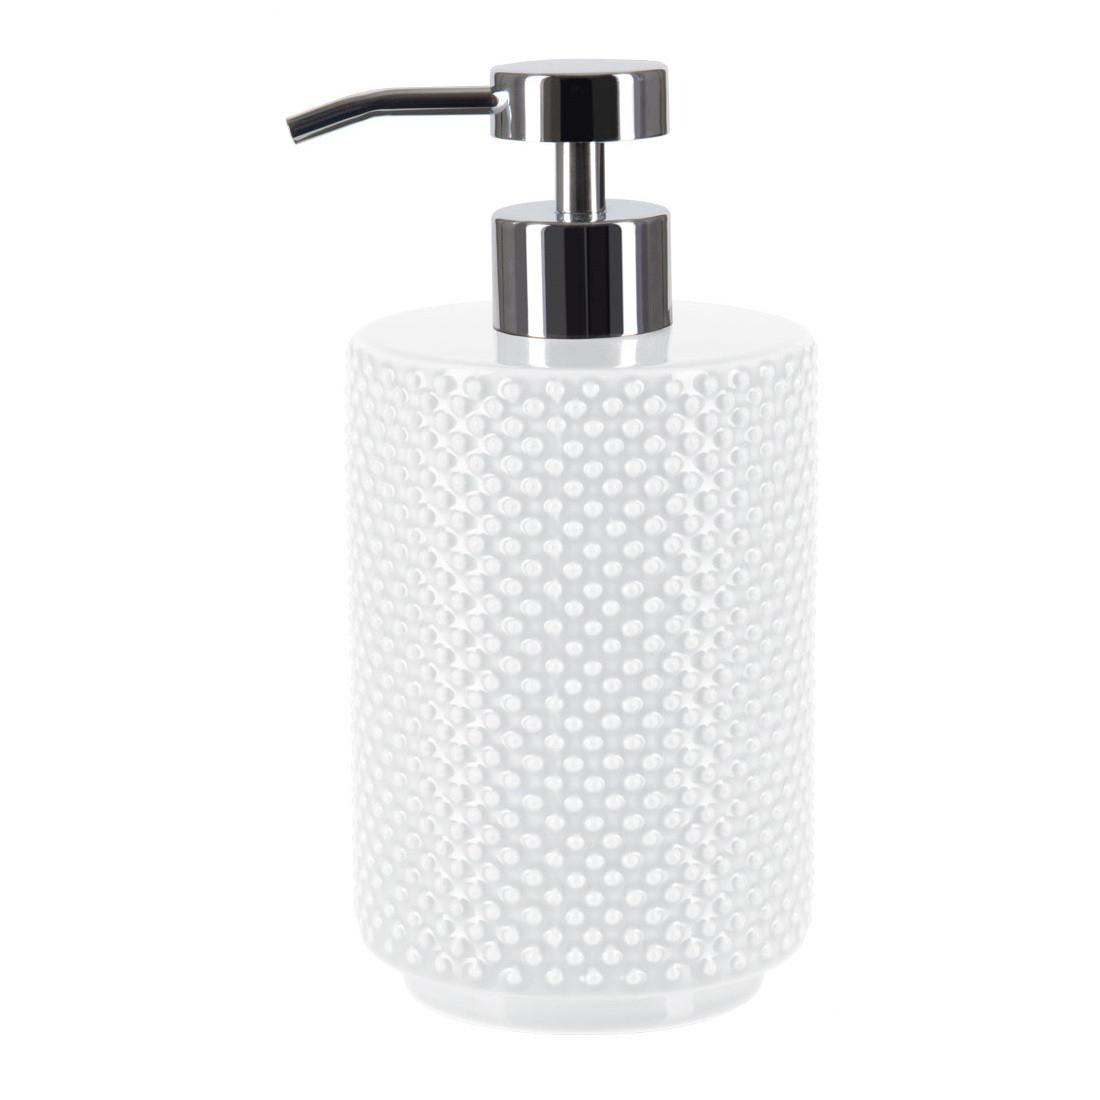 Фото - Дозатор для жидкого мыла Spirella Mero белый 8х16 см дозатор для жидкого мыла spirella sydney серый 7х18 5 см